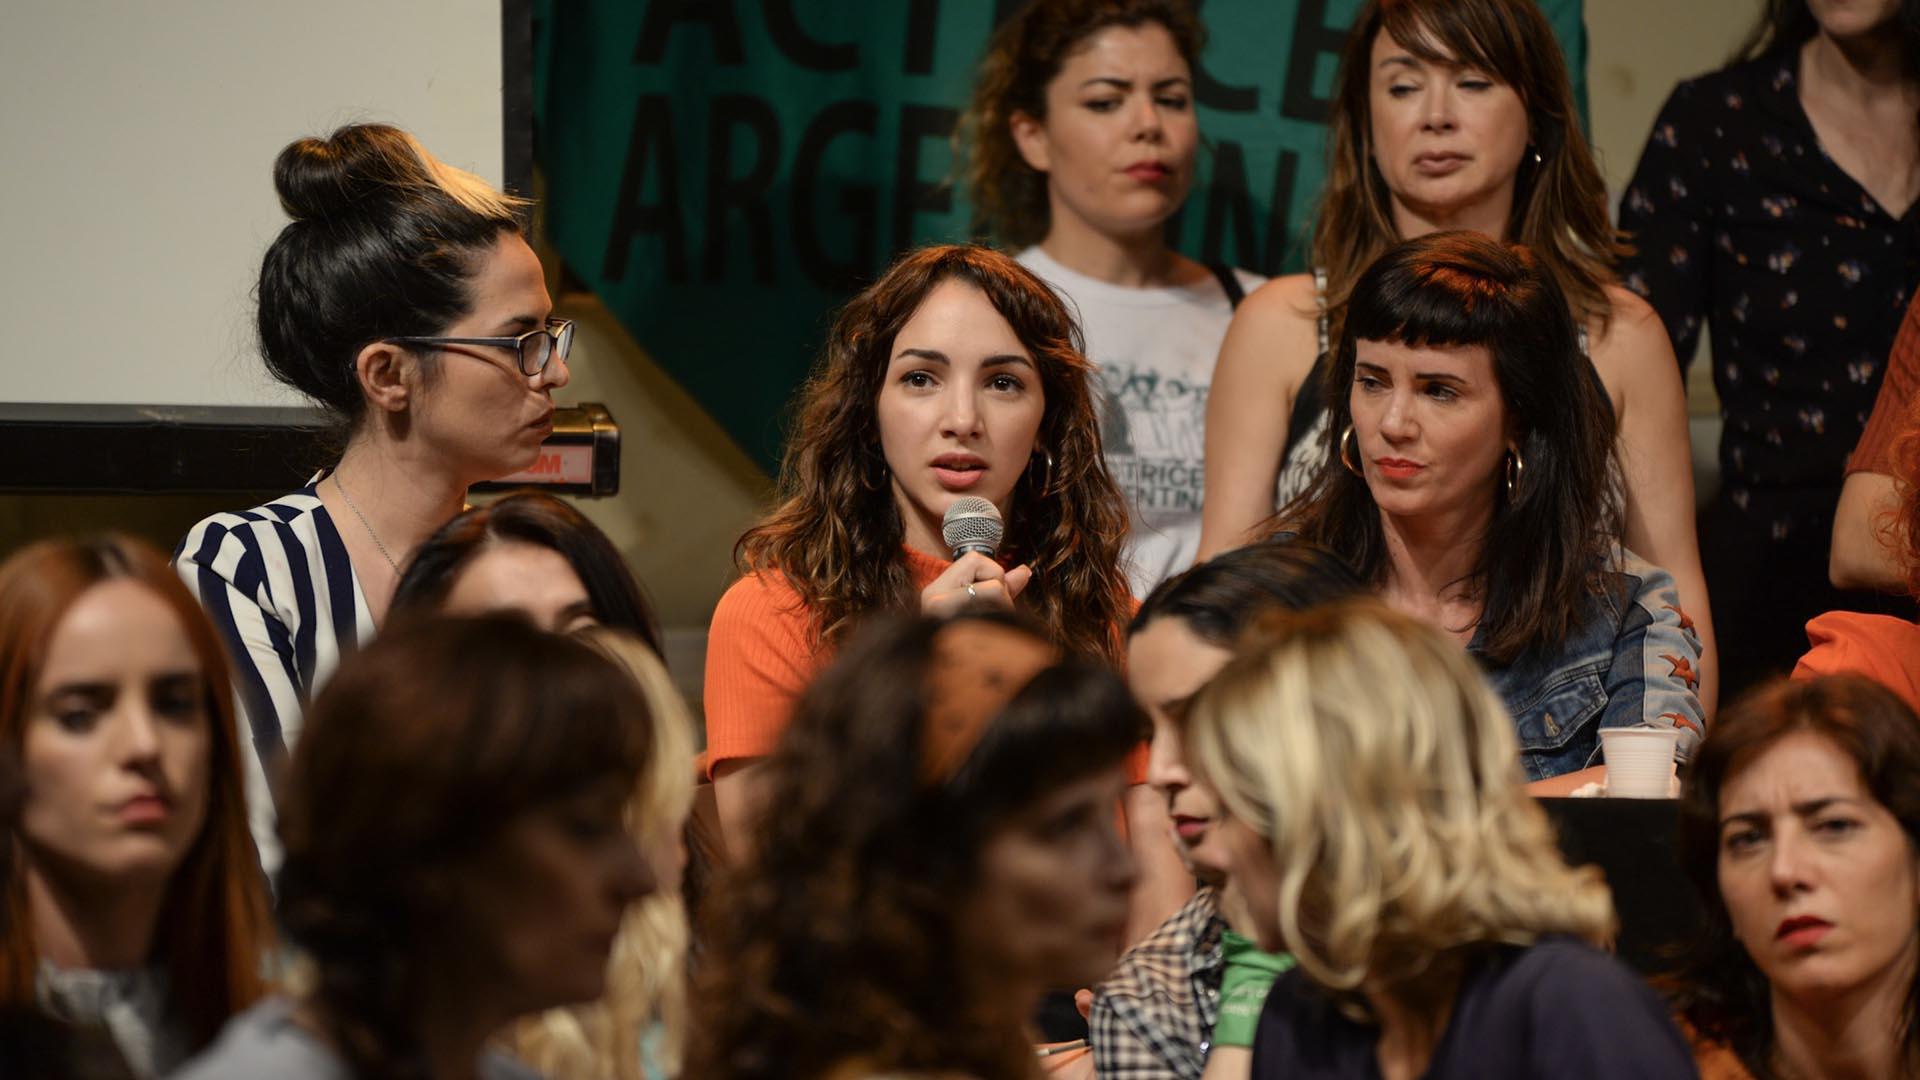 Thelma Fardín, respaldada por Actrices Argentinas, al momento de realizar su denuncia contra Darthés